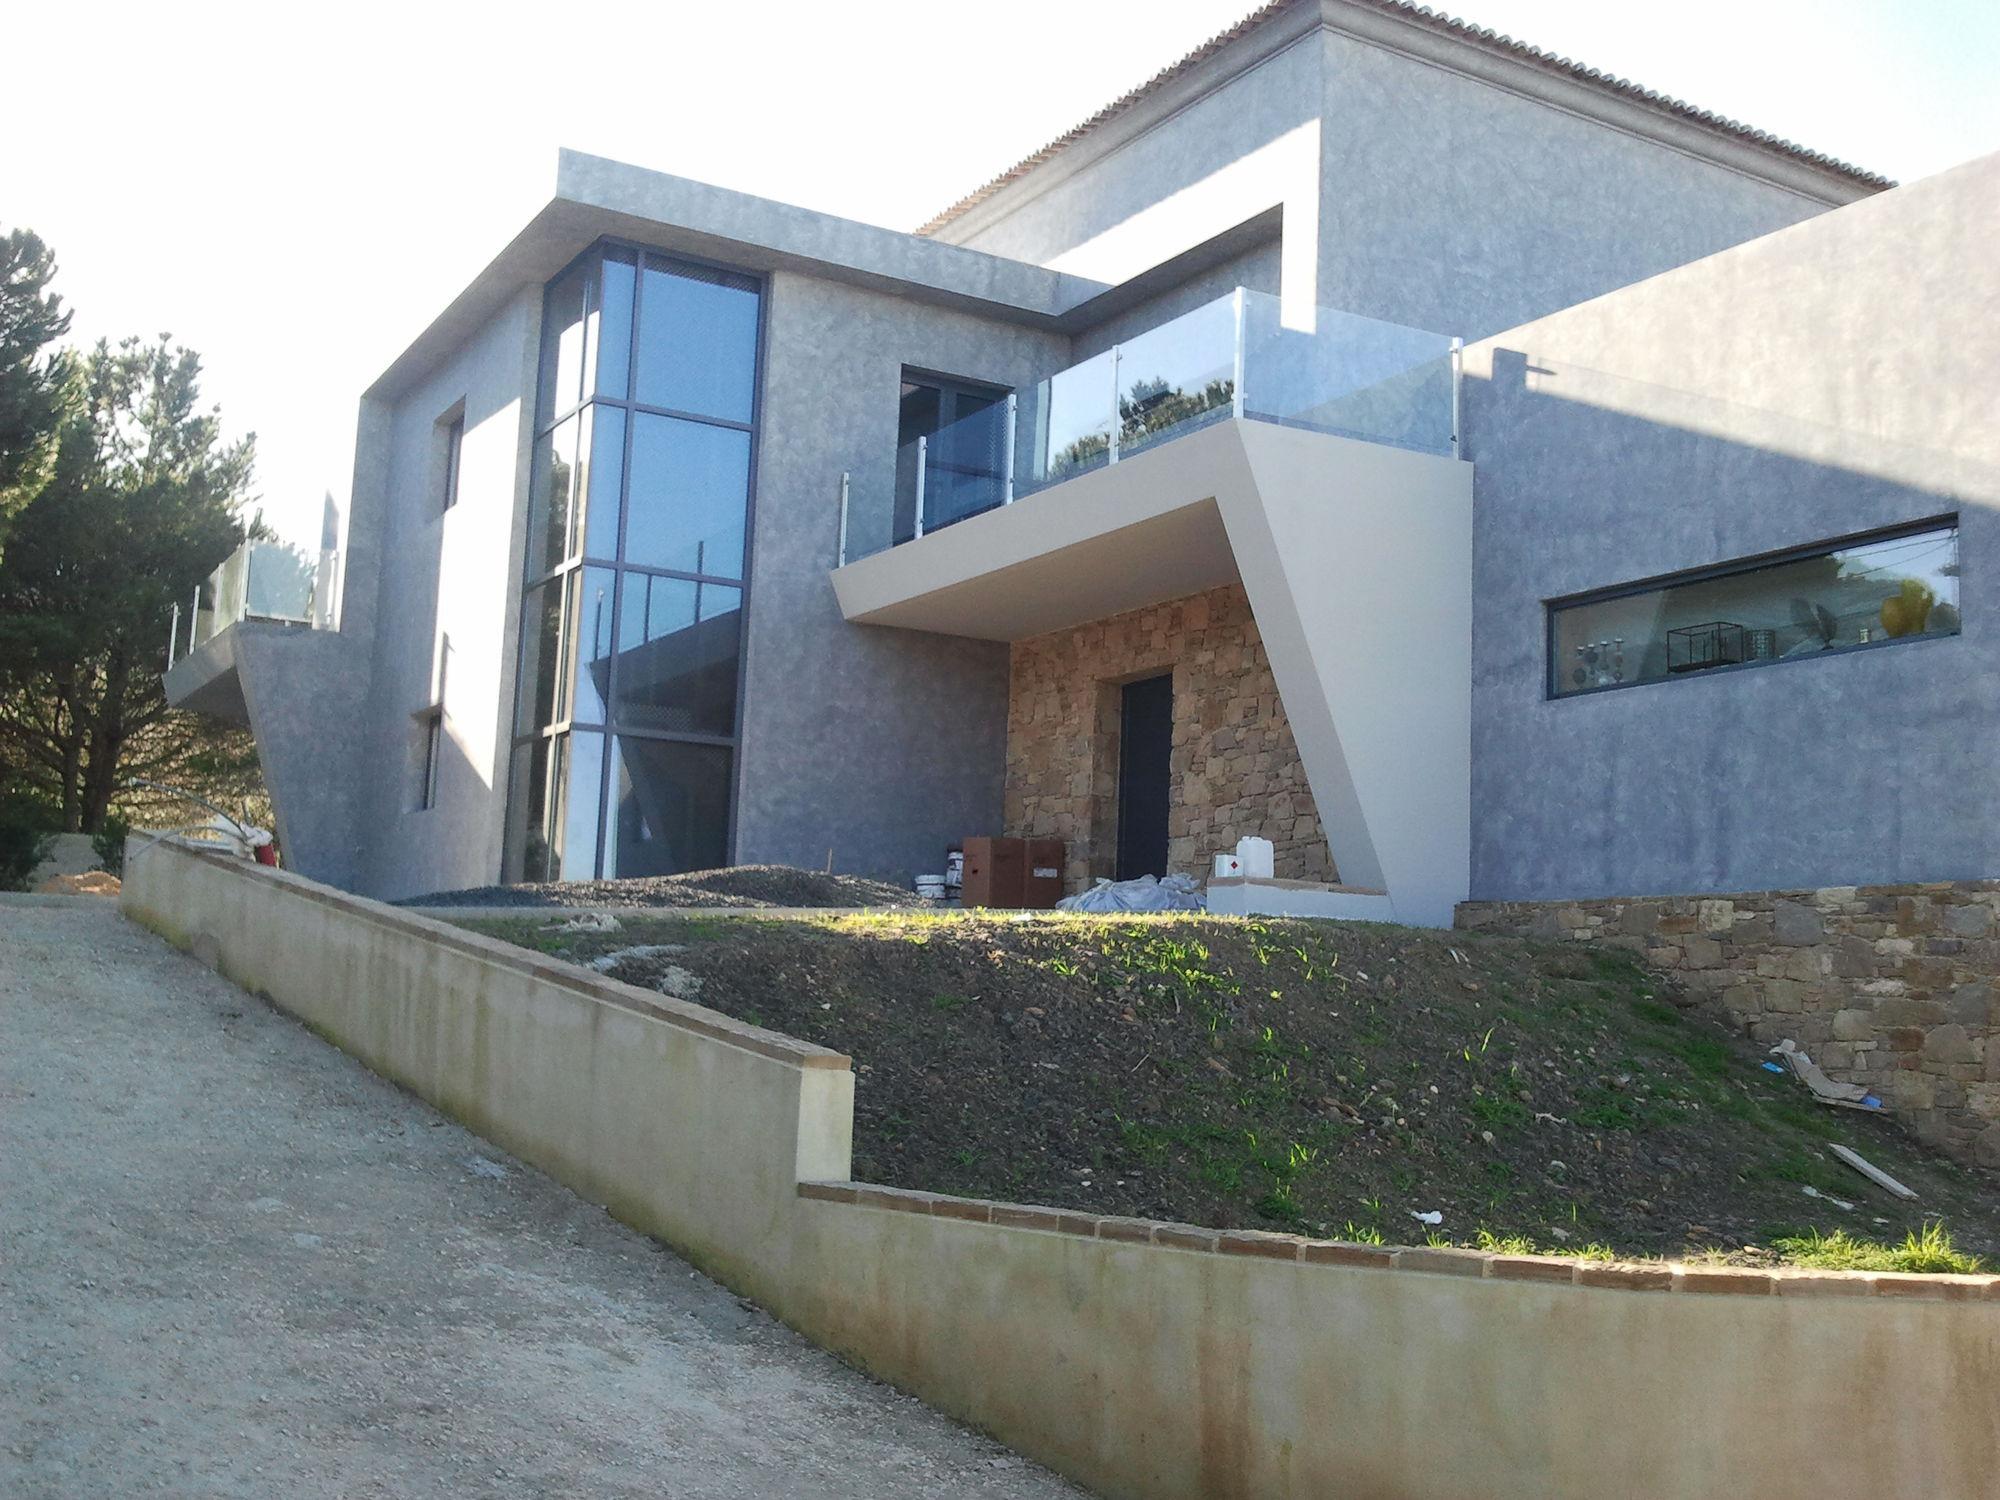 Souvent Maison modulaire / préfabriquée / contemporaine / en béton  HO73